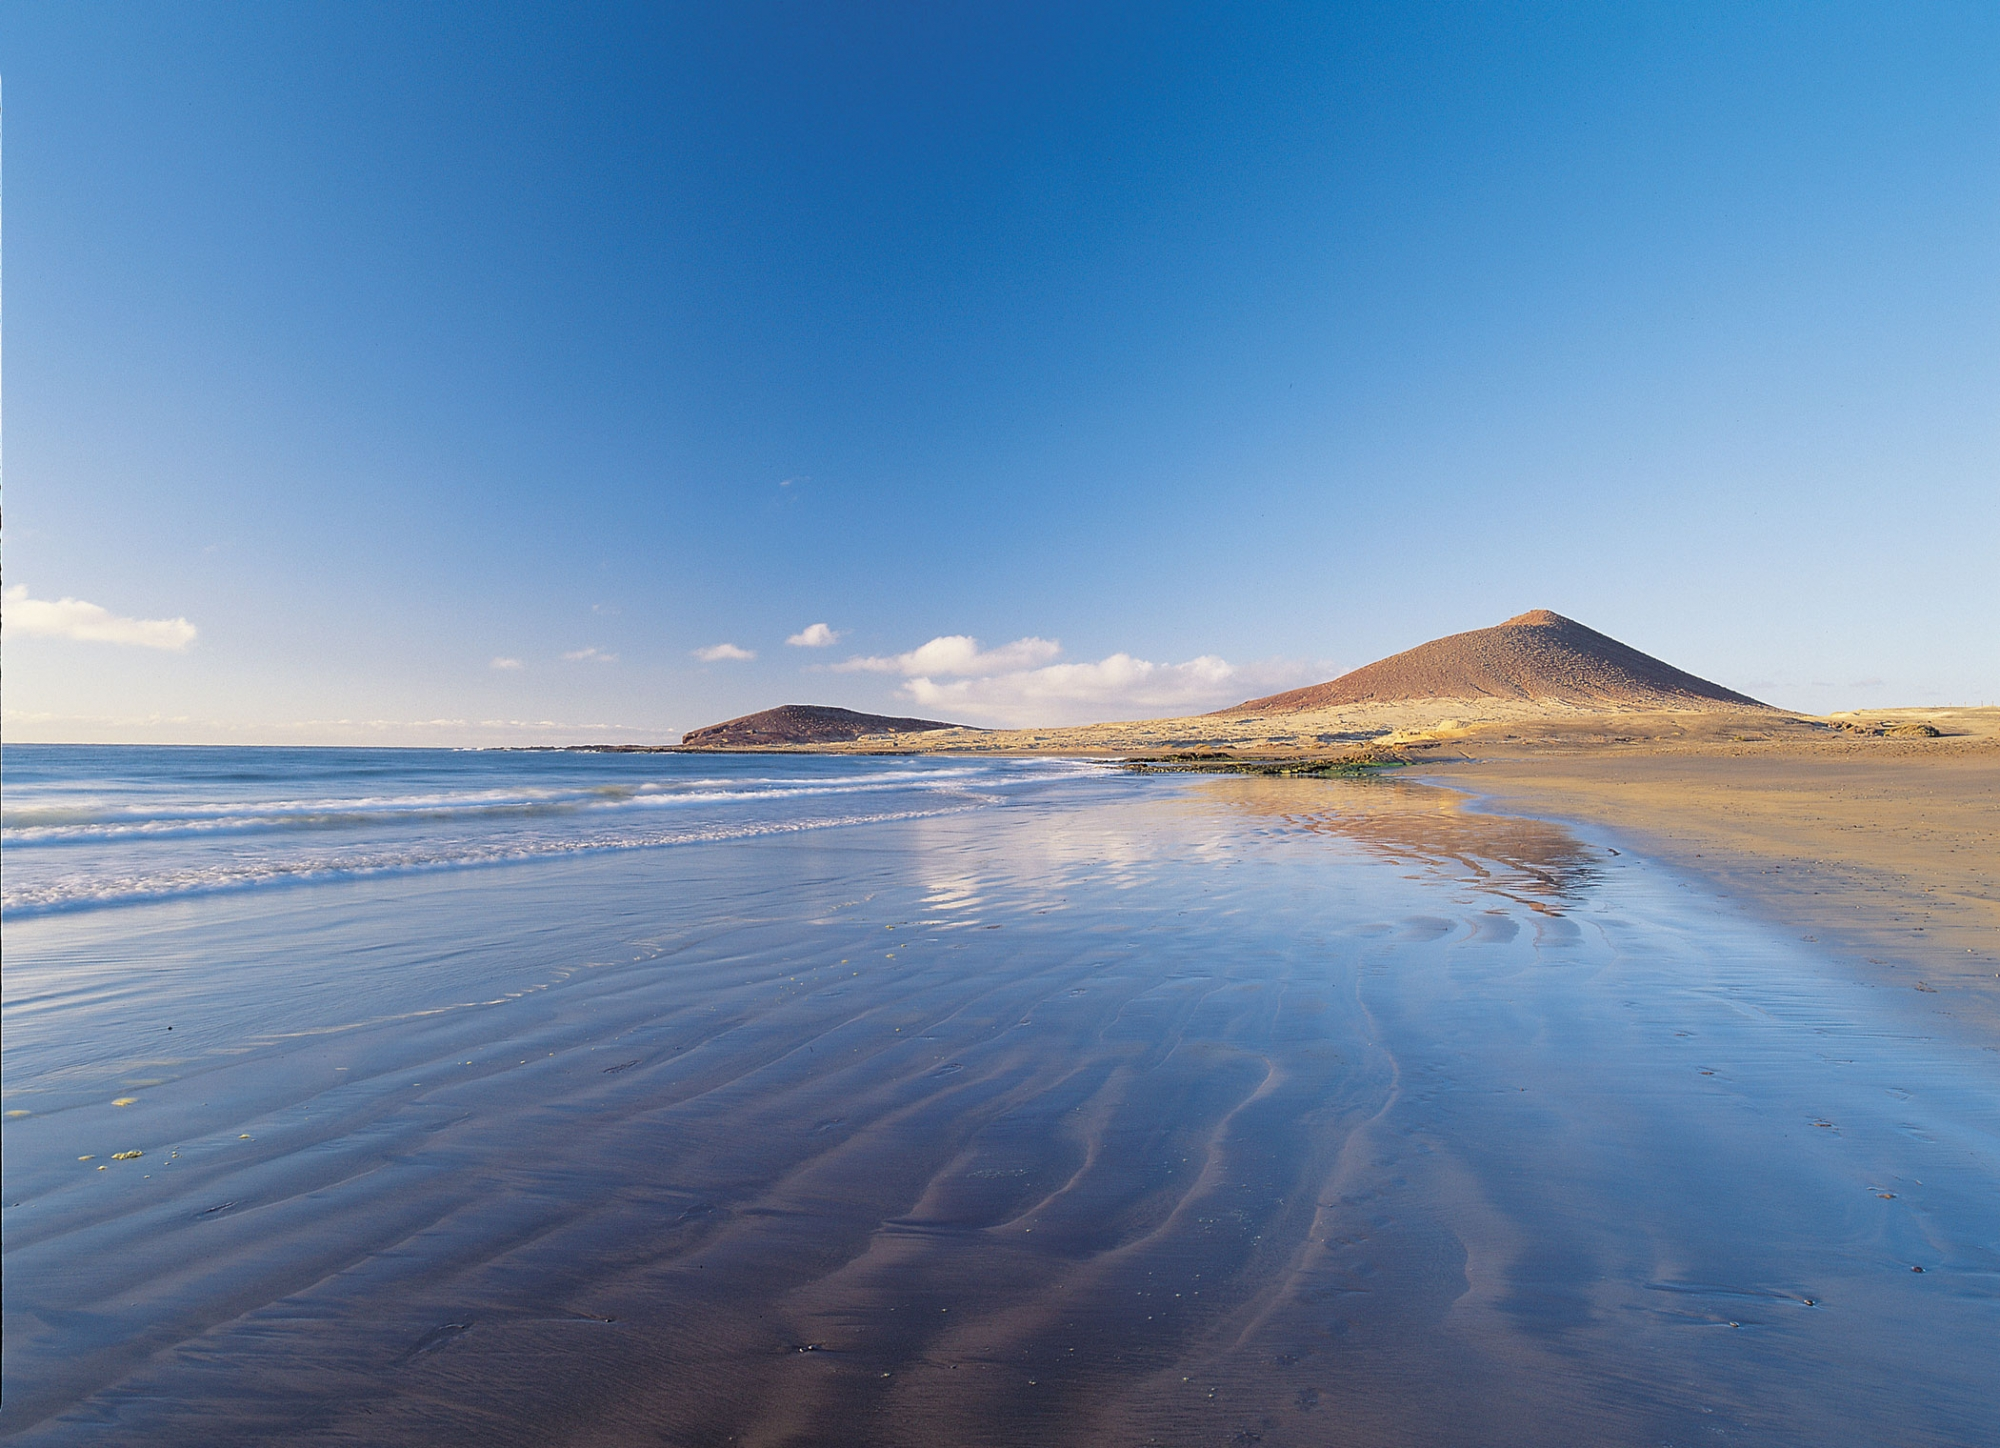 Playa de El Médano, Tenerife